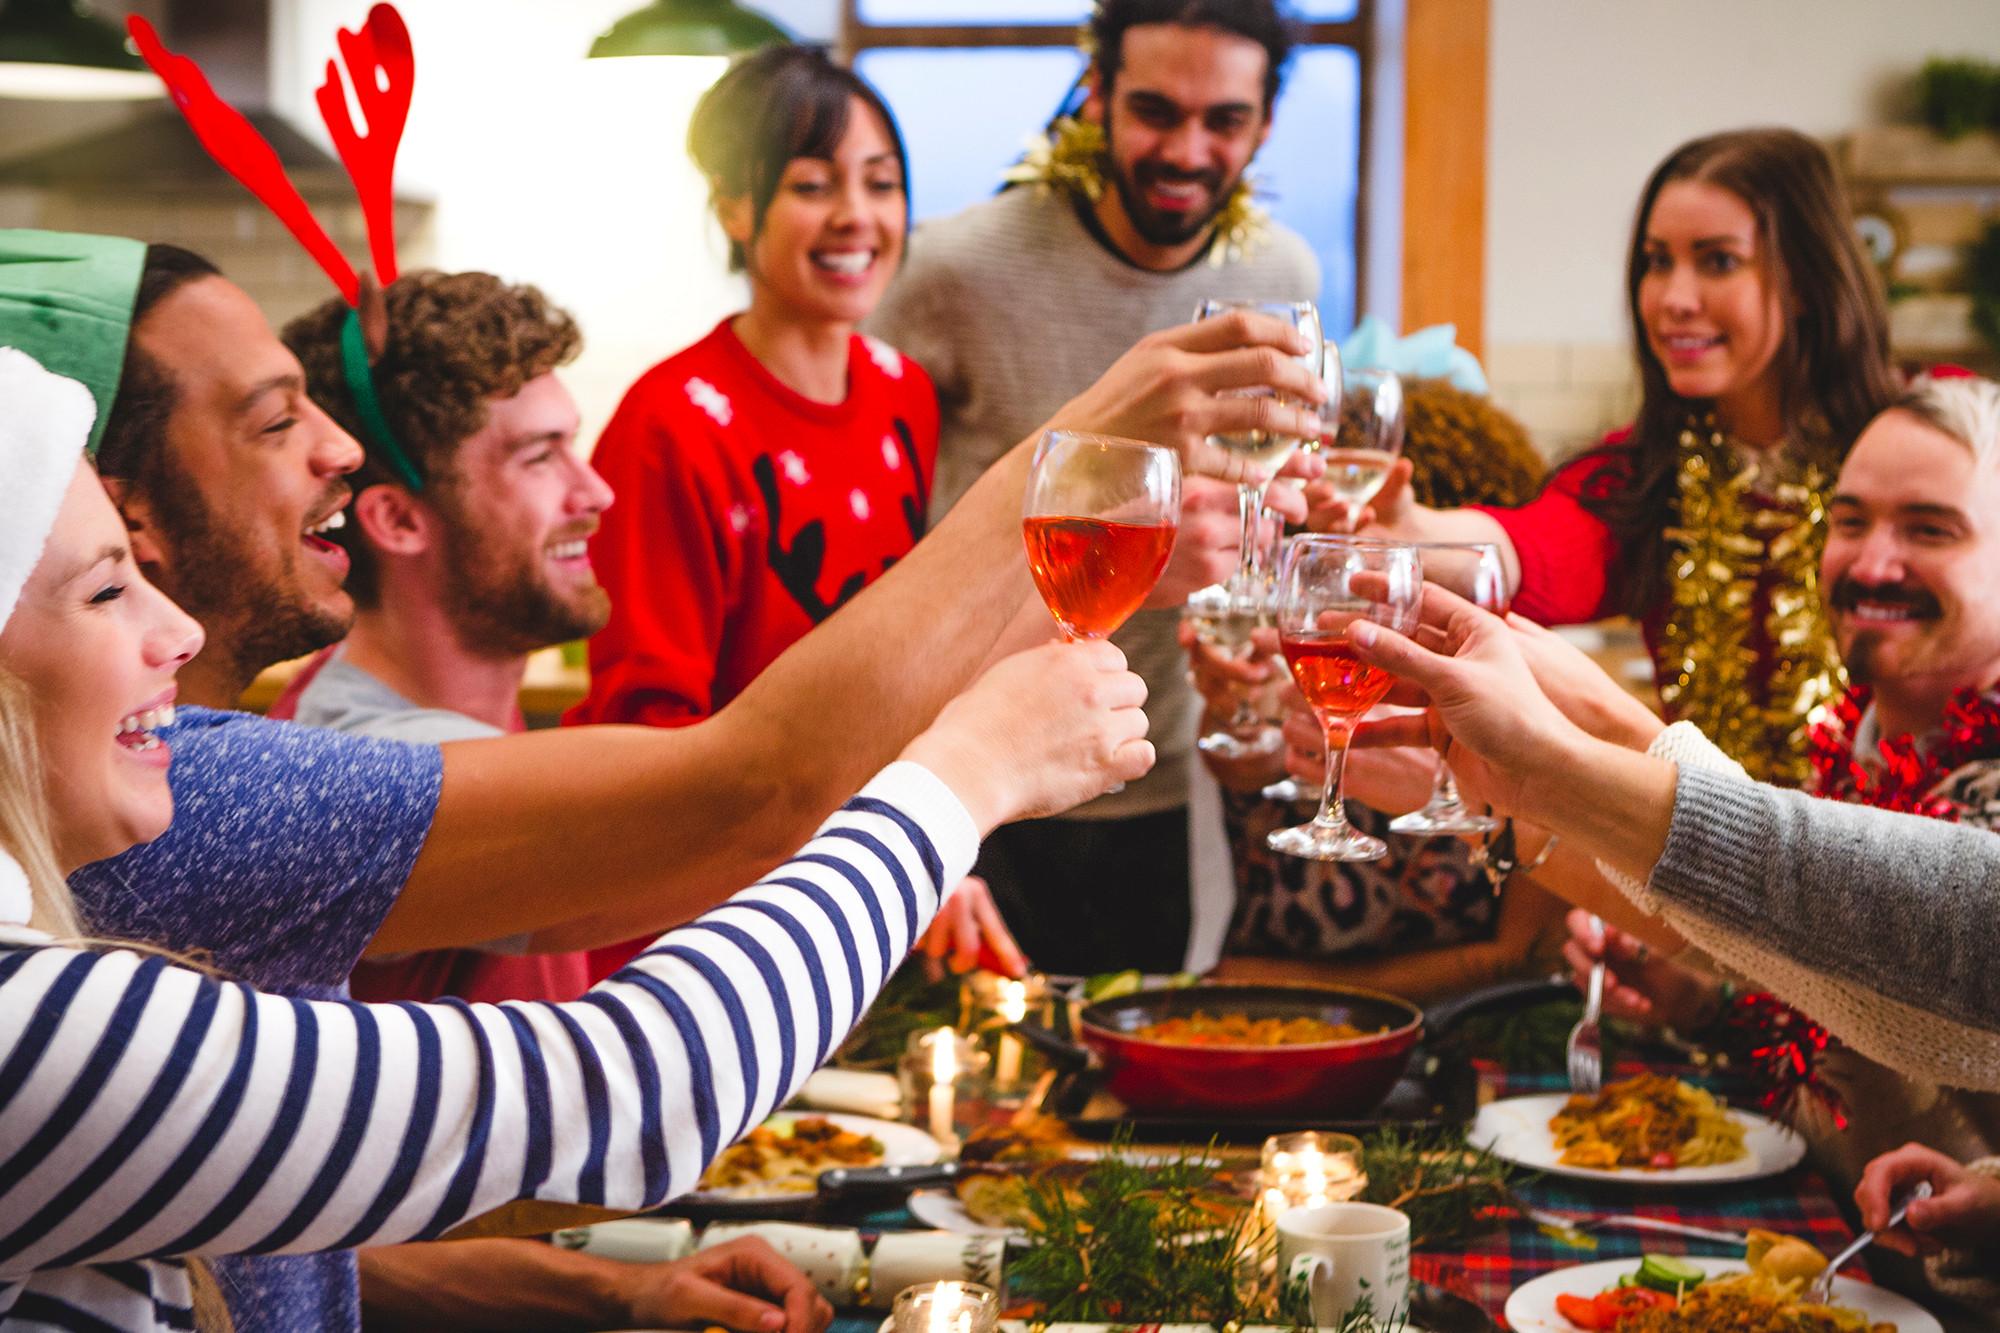 Частушки для семейного застолья на Новый год Крысы 2020